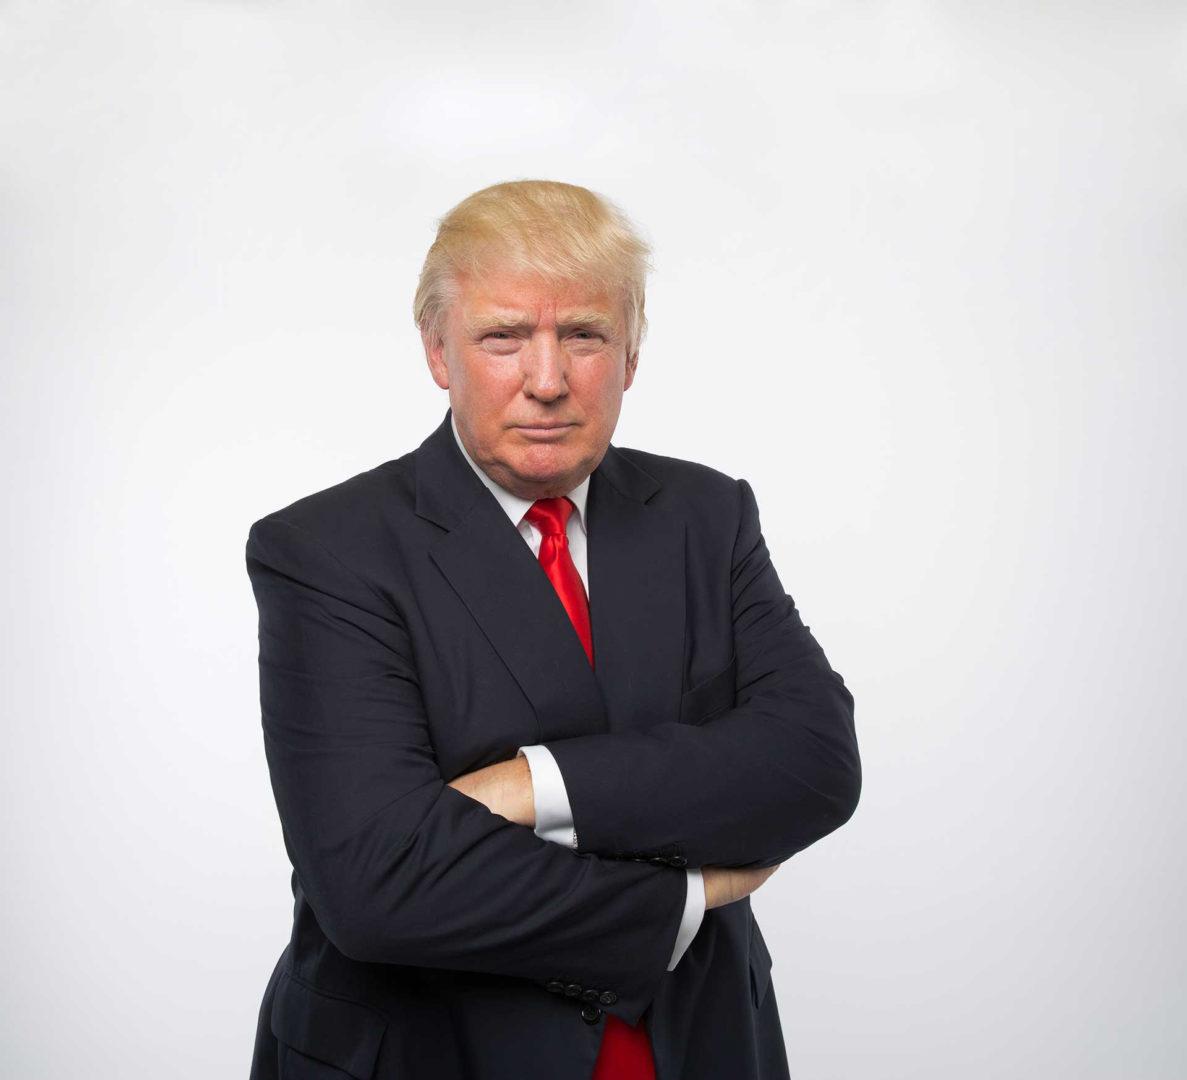 Donald Trump  Fotograf Porträtt av President Donald Trump